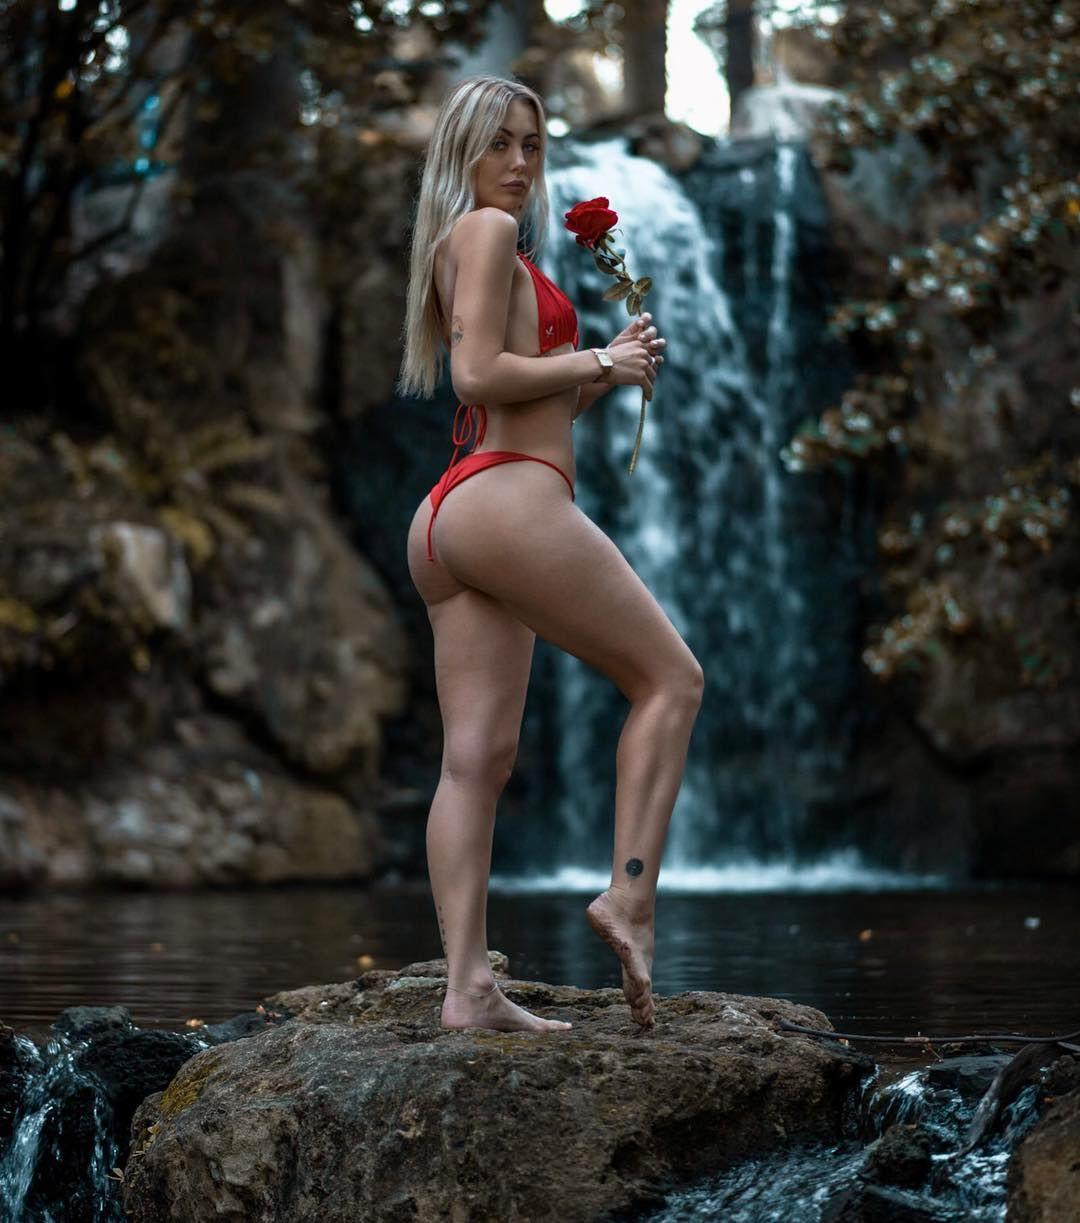 Model Cassandra